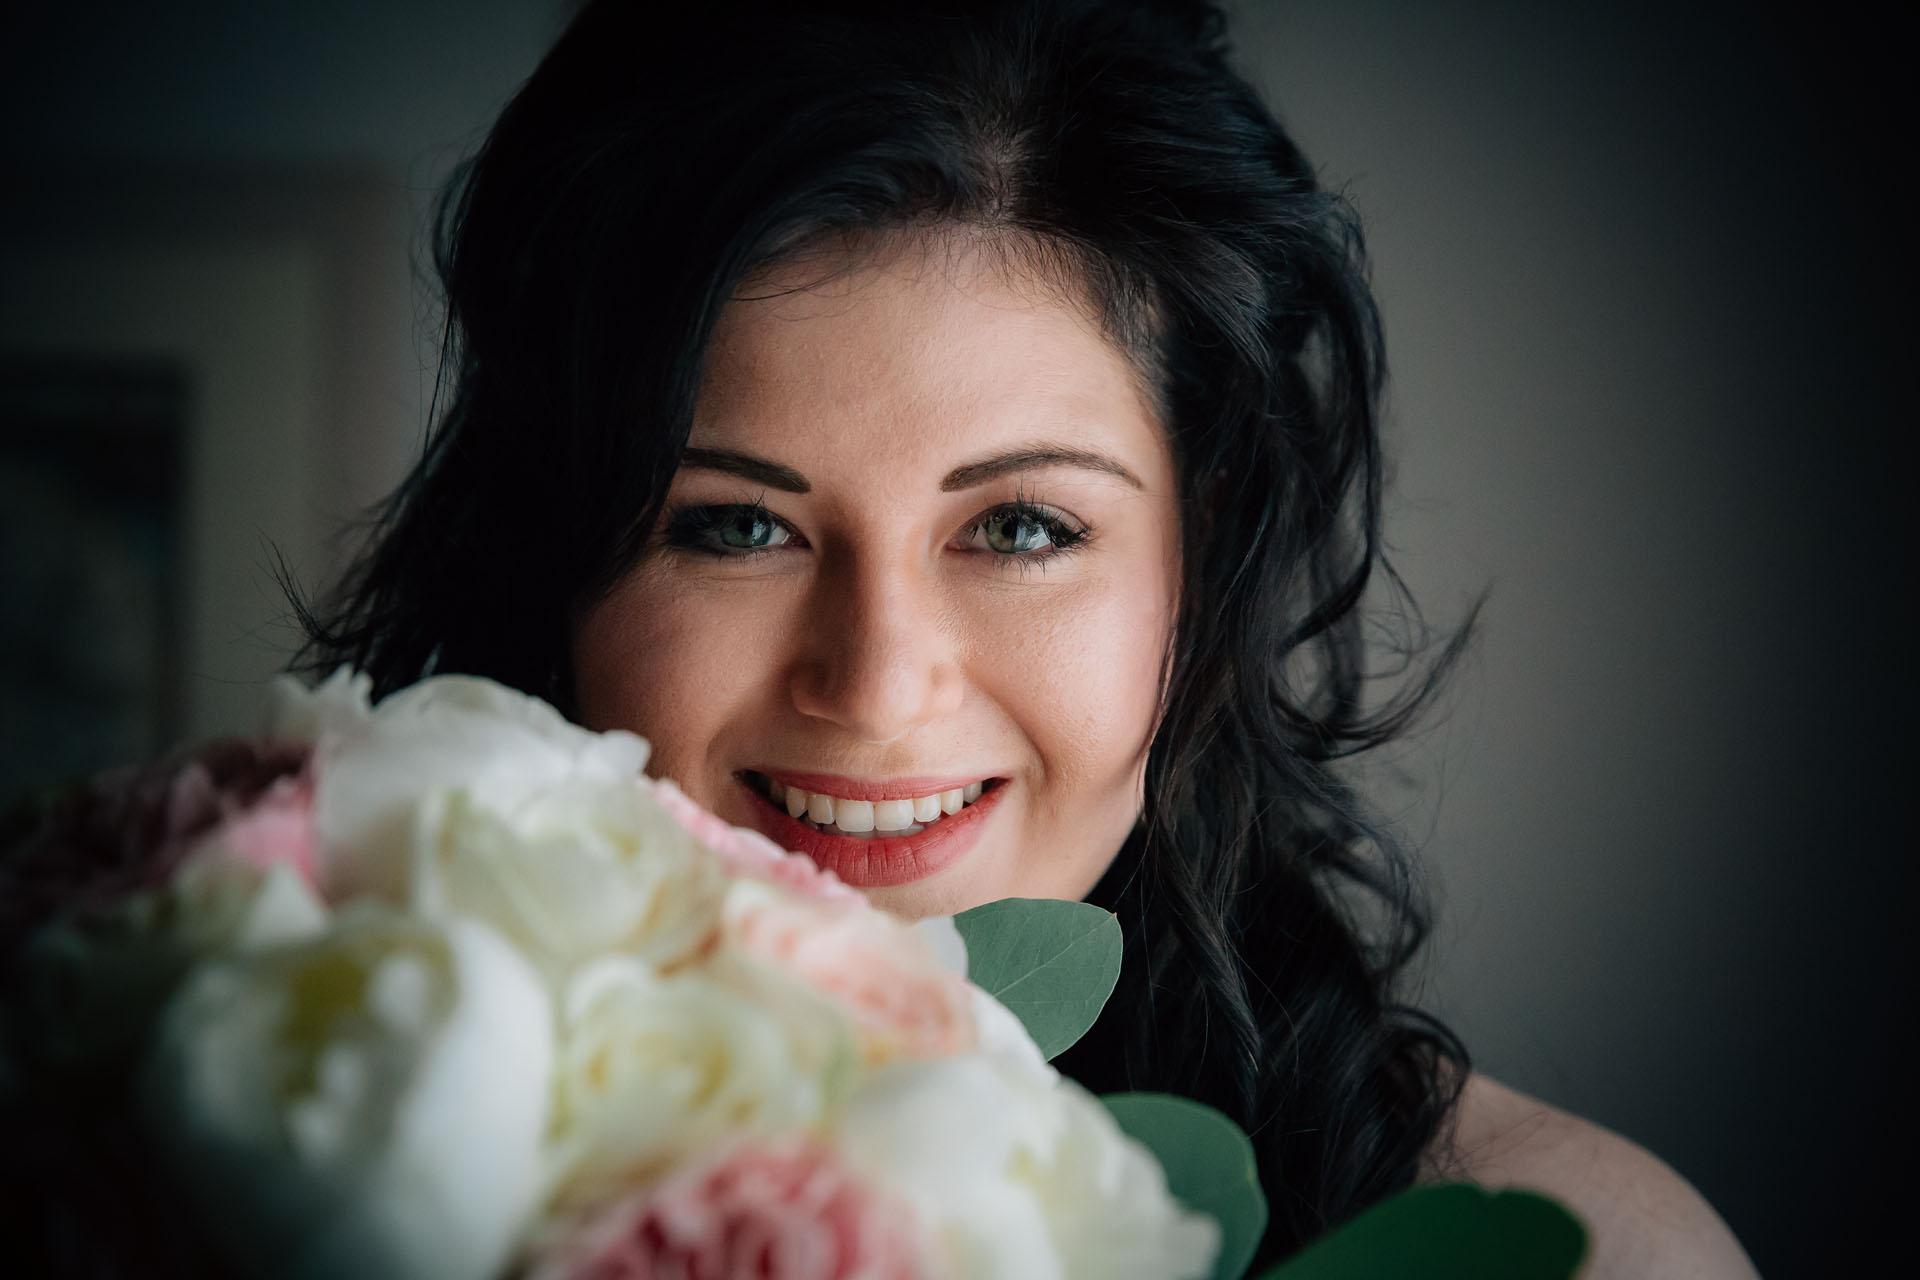 Jessica-Jason-Sguardo-Radioso-Weddingdestination-Storytelling-Renato-Zanette-Fotografo-Convento-San-Francesco-Conegliano-Treviso-Veneto